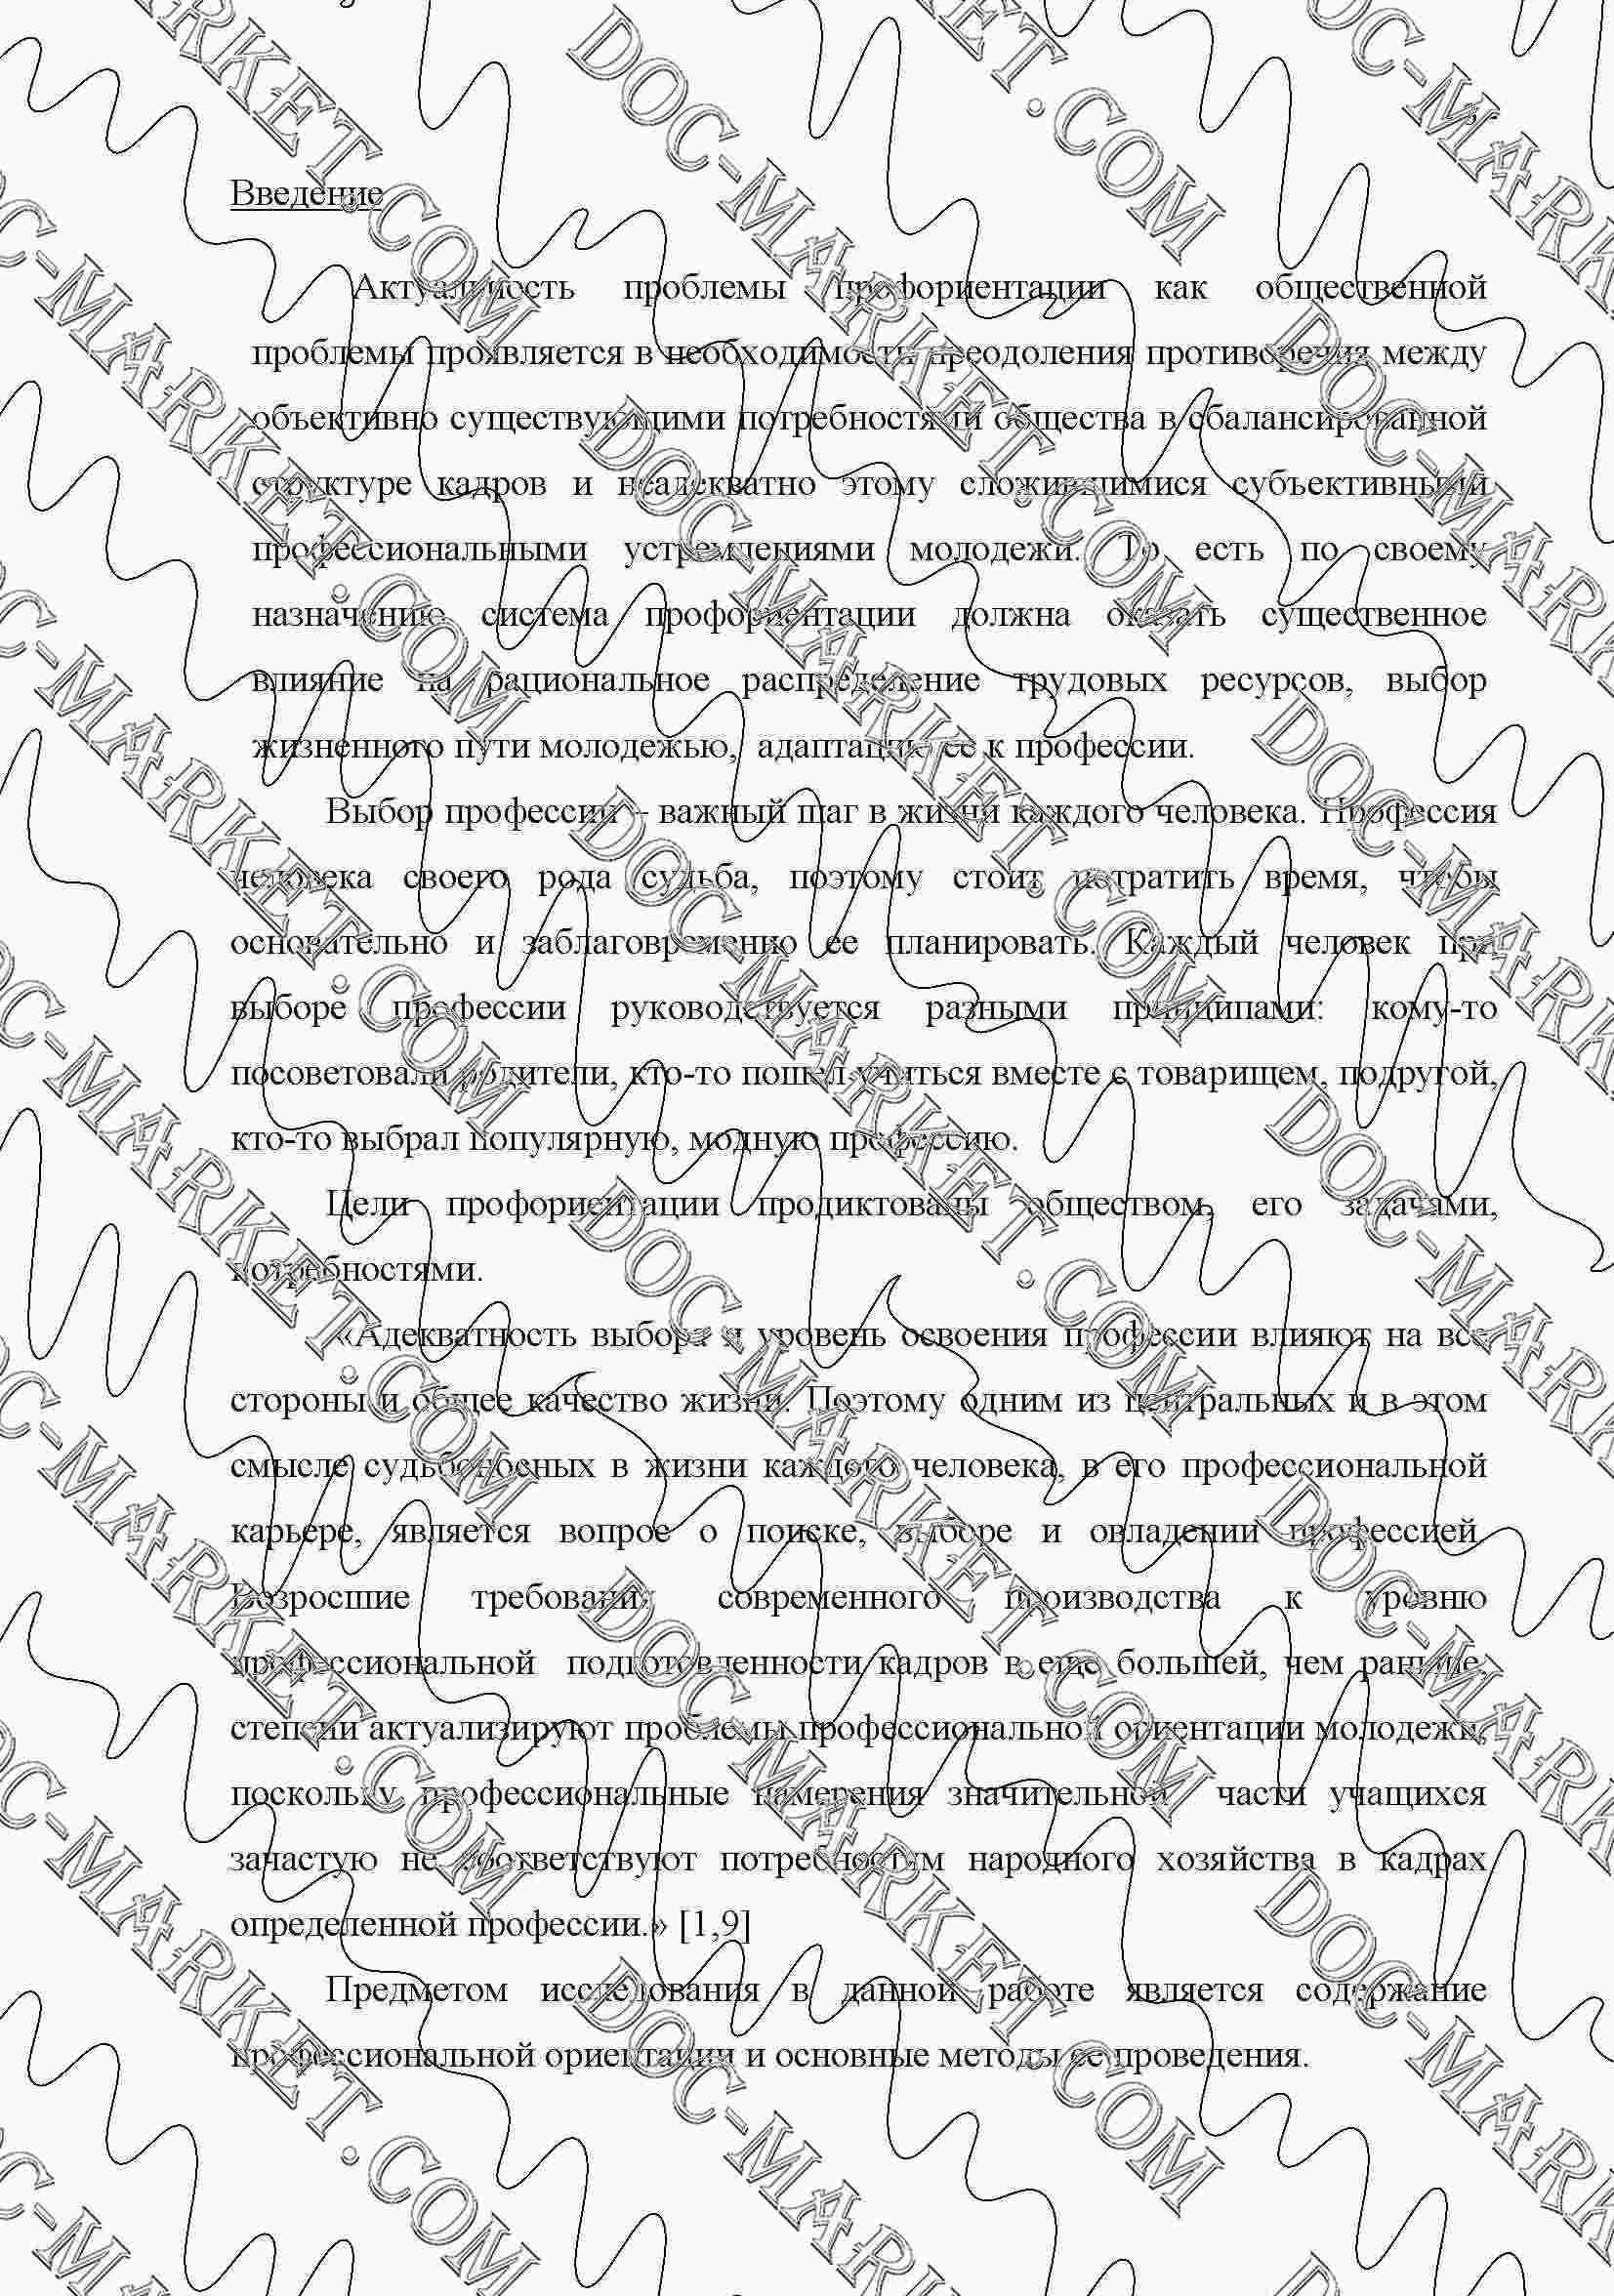 shpori-po-spetstehnologii-konditerskoy